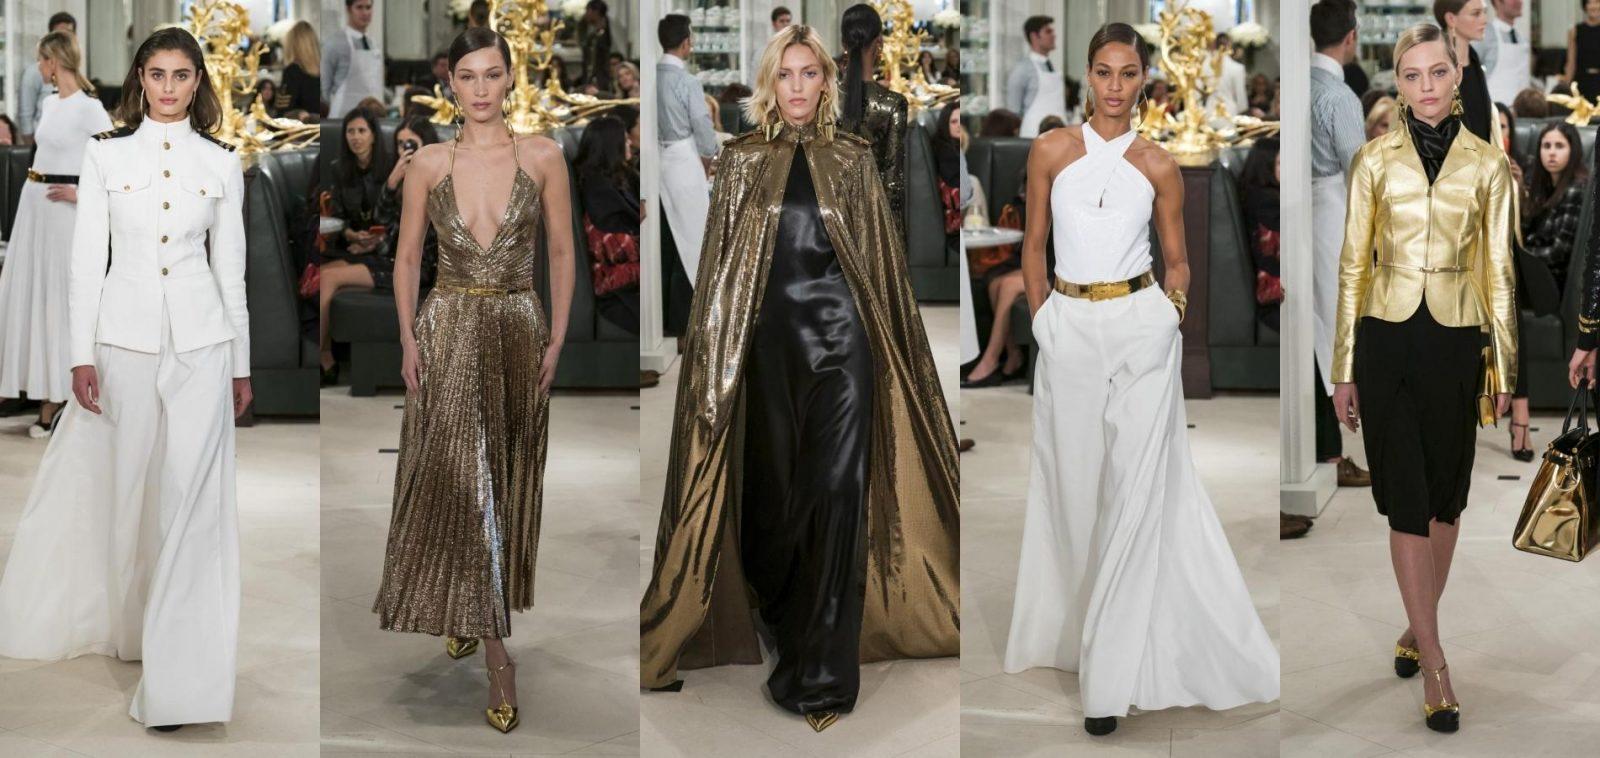 New York Fashion Week Spring Summer 2021 An Essentially Digital Edition With Few Fashion Shows Luxus Plus